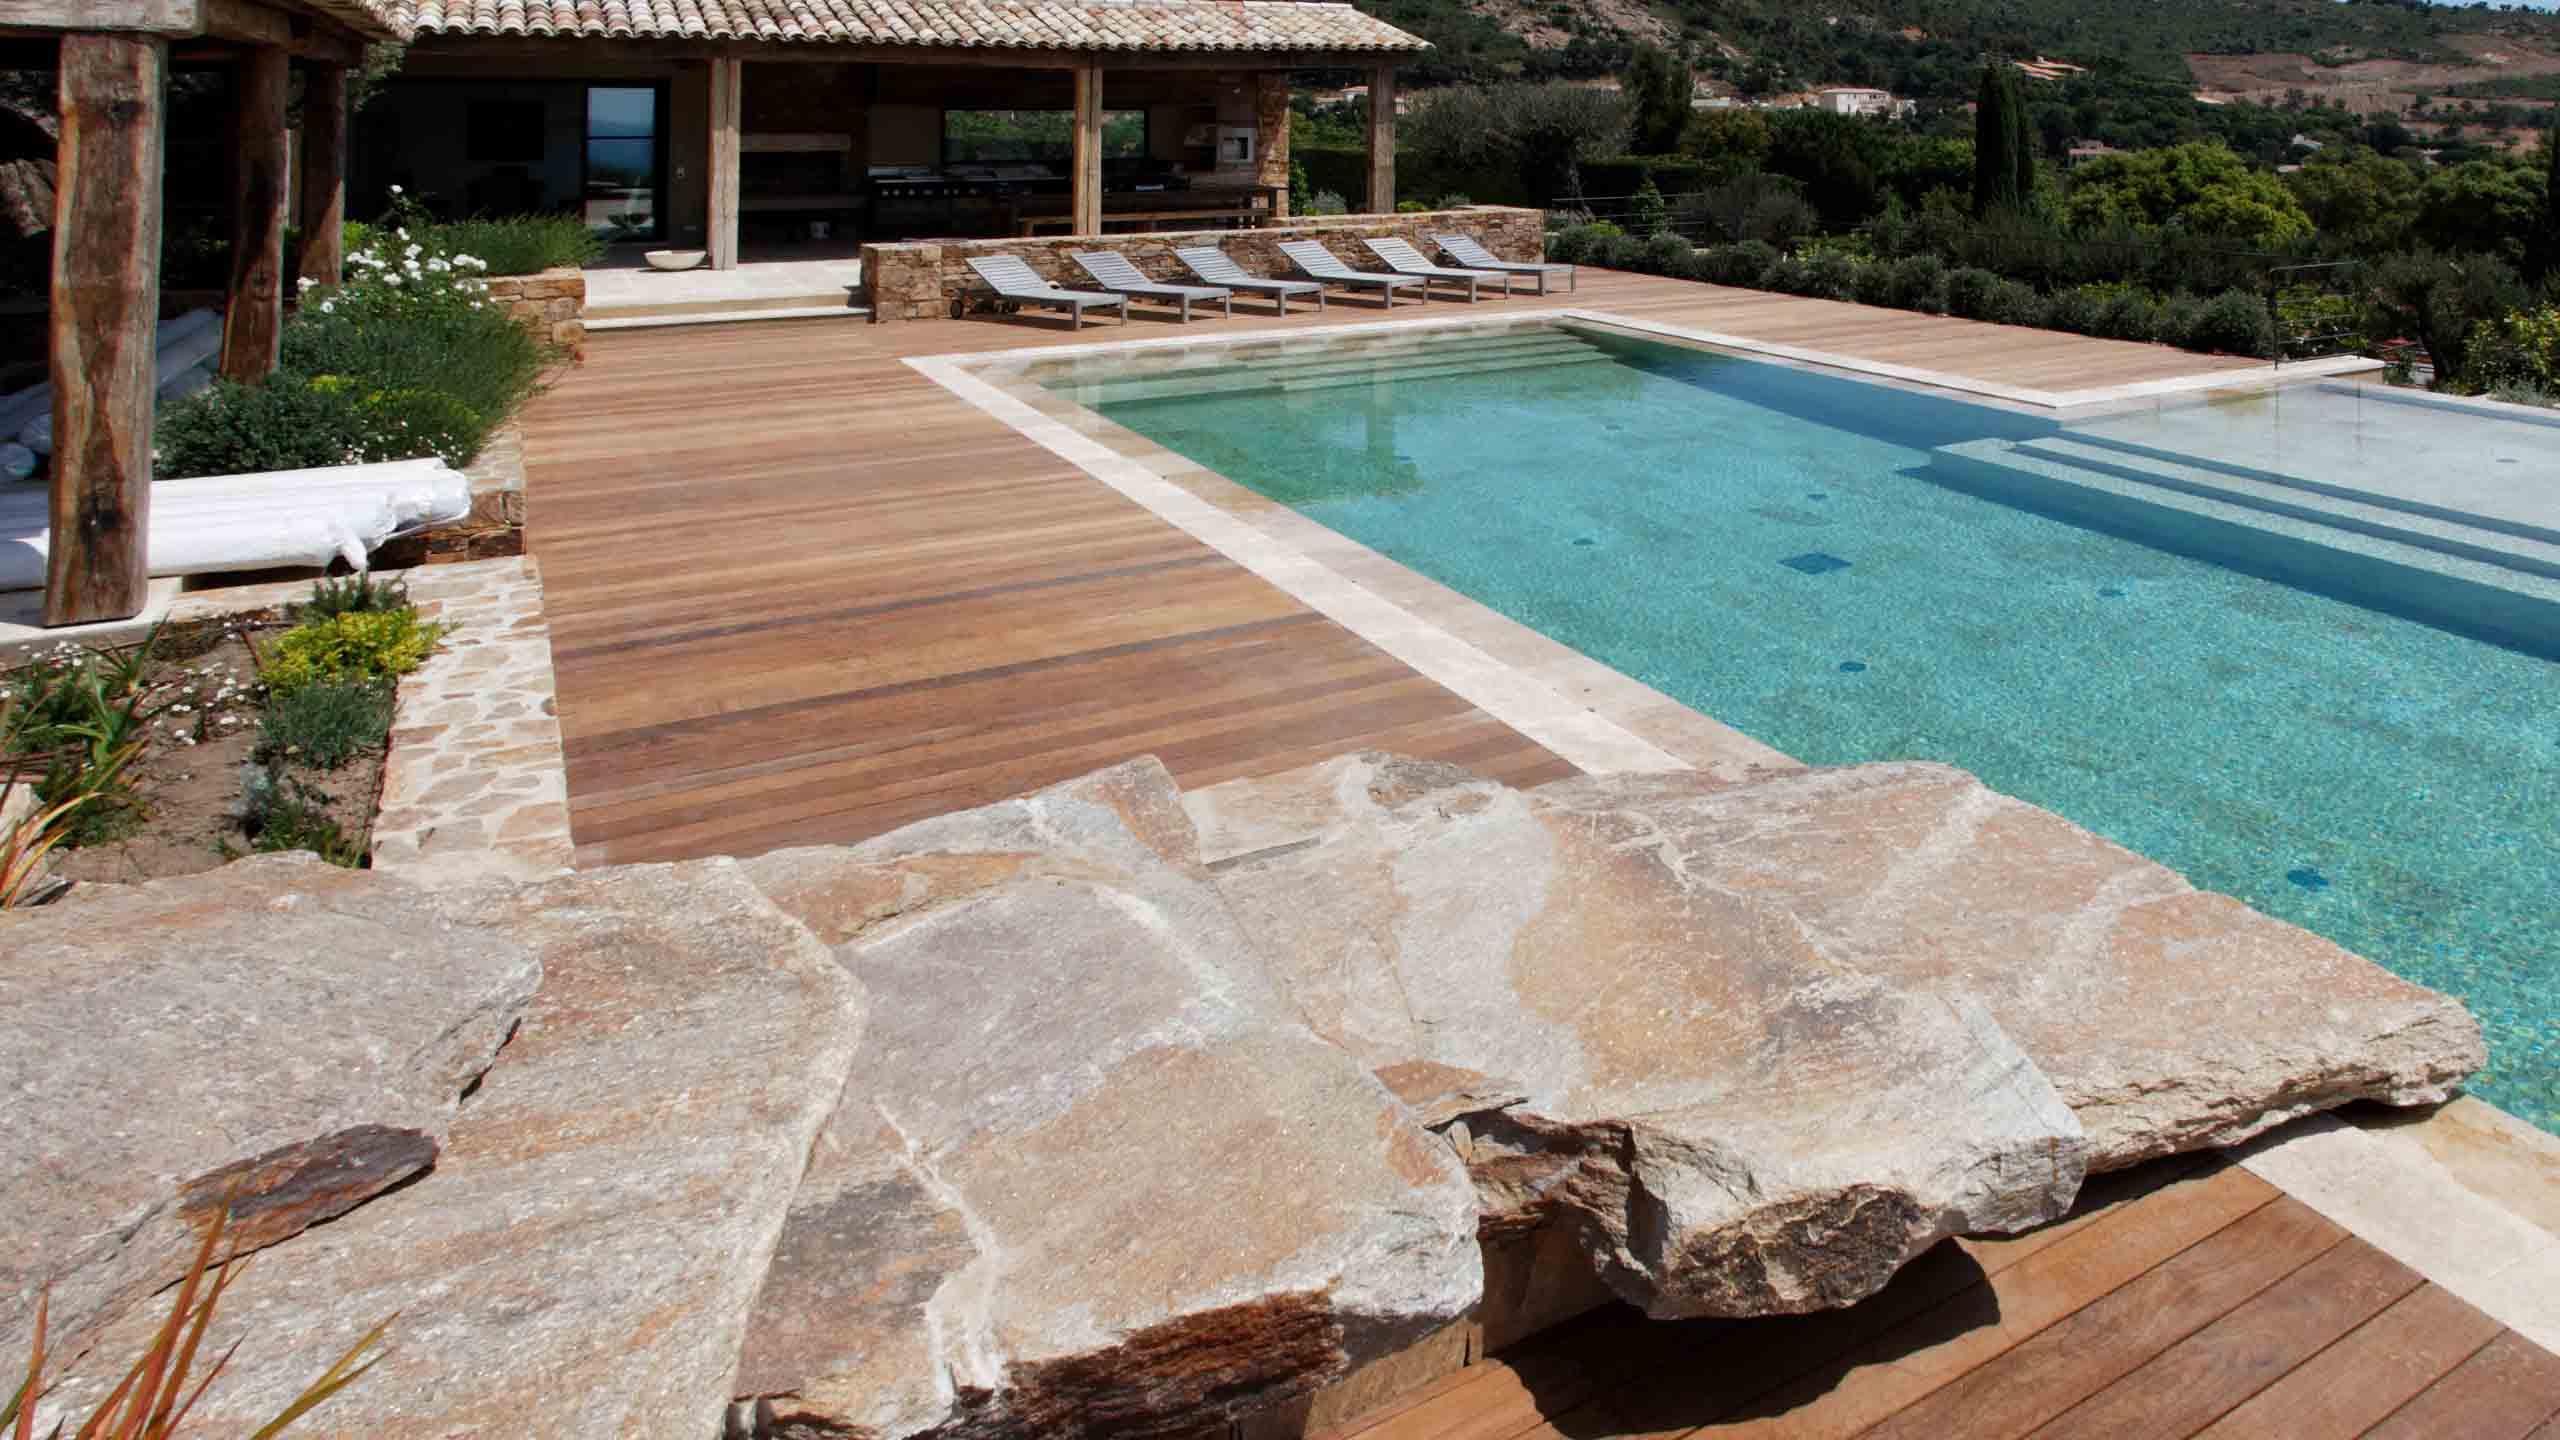 Villa Piscine St Tropez